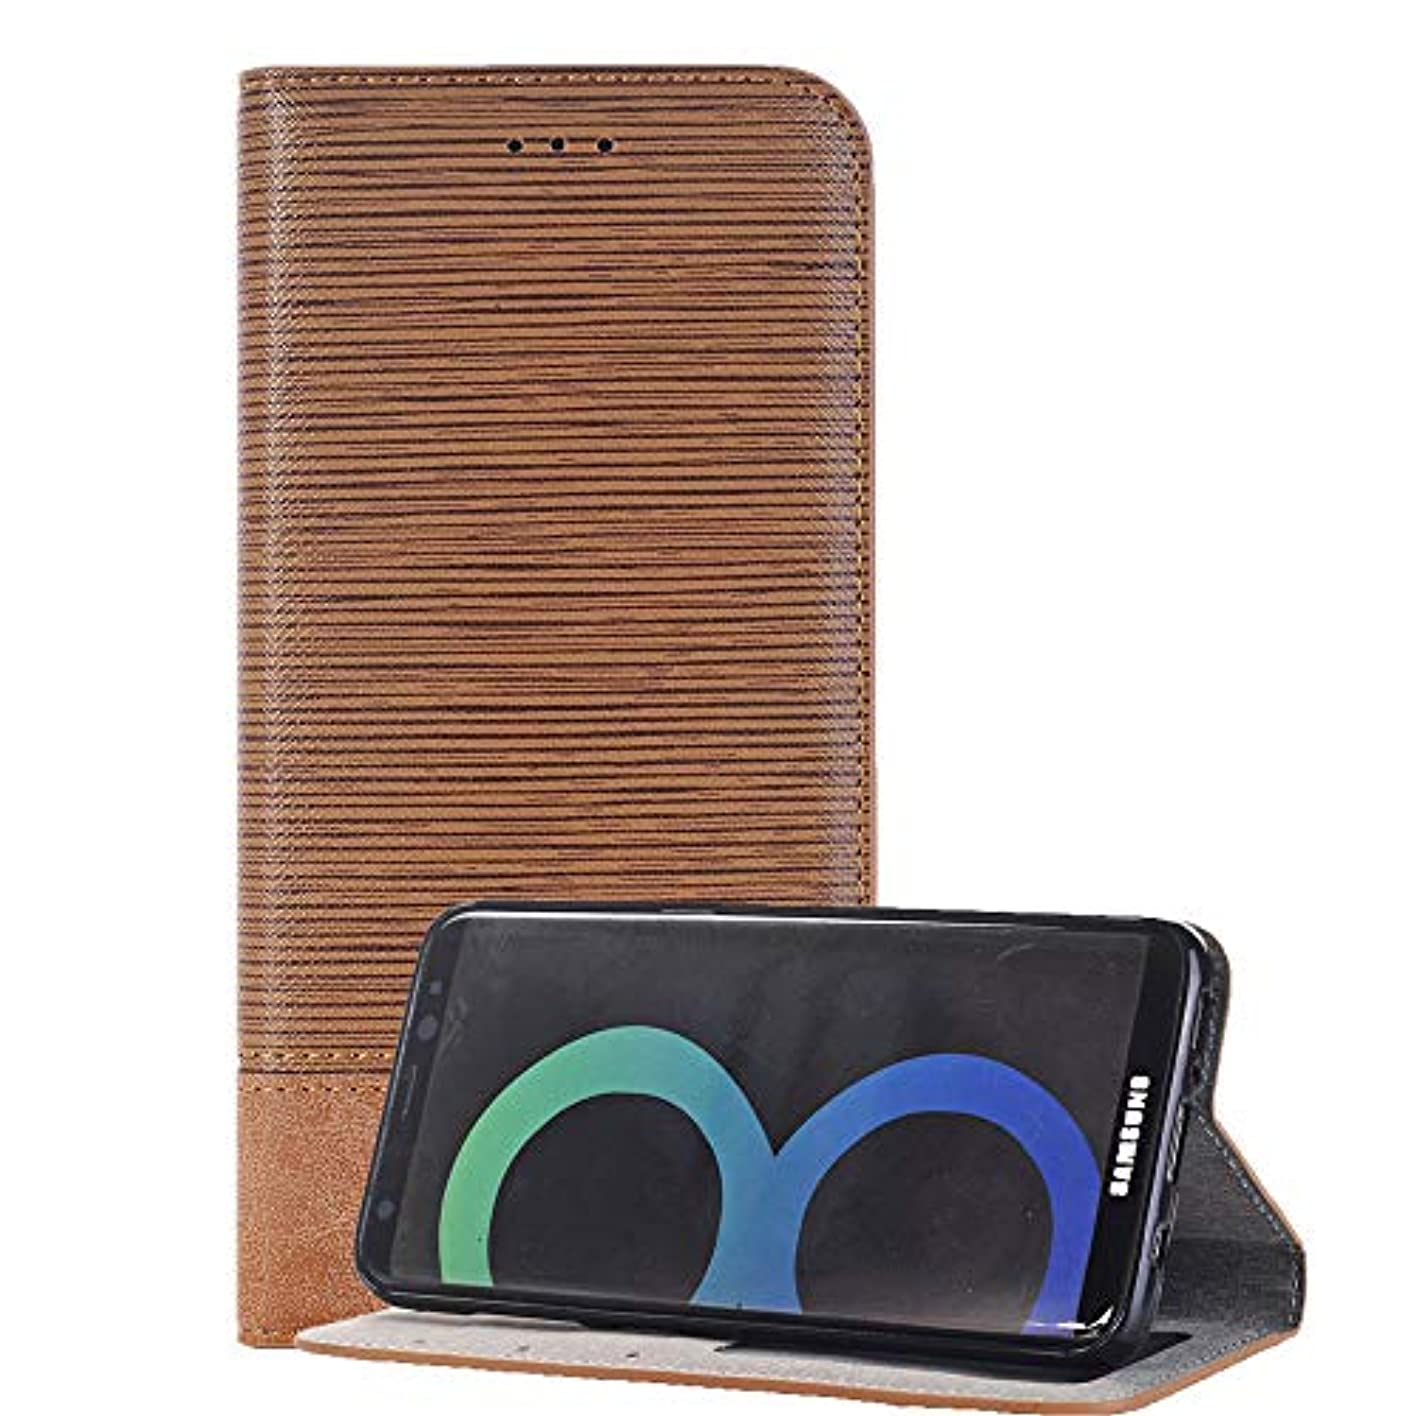 執着ホステススロープSamsung Galaxy S8 手帳型 ケース ギャラクシーs8 スマホケース カバー 脱着簡単 カードポケット 高品質 人気 おしゃれ カバー(ライトブラウン)